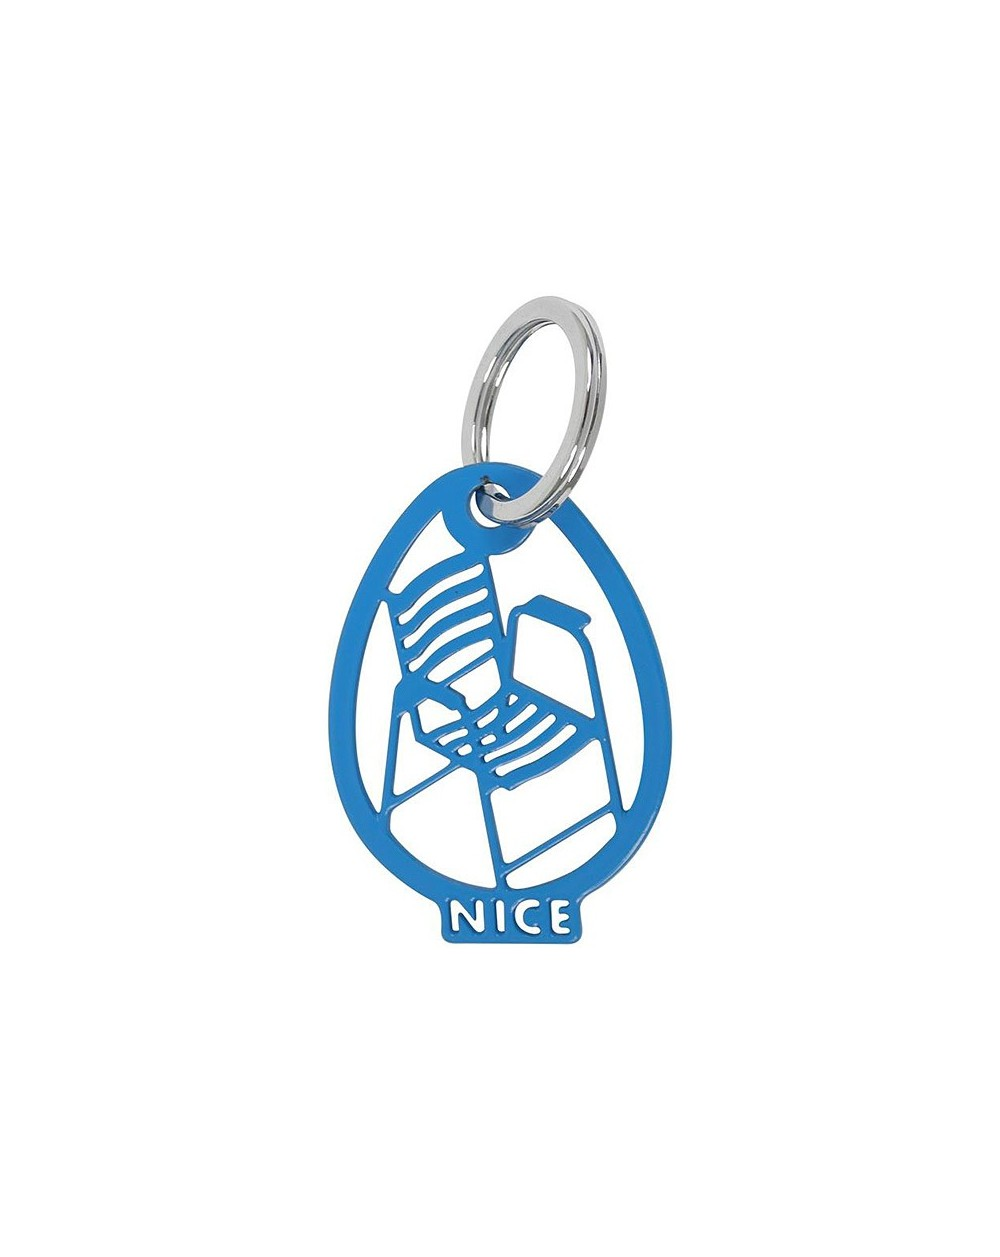 Porte-clefs Nice